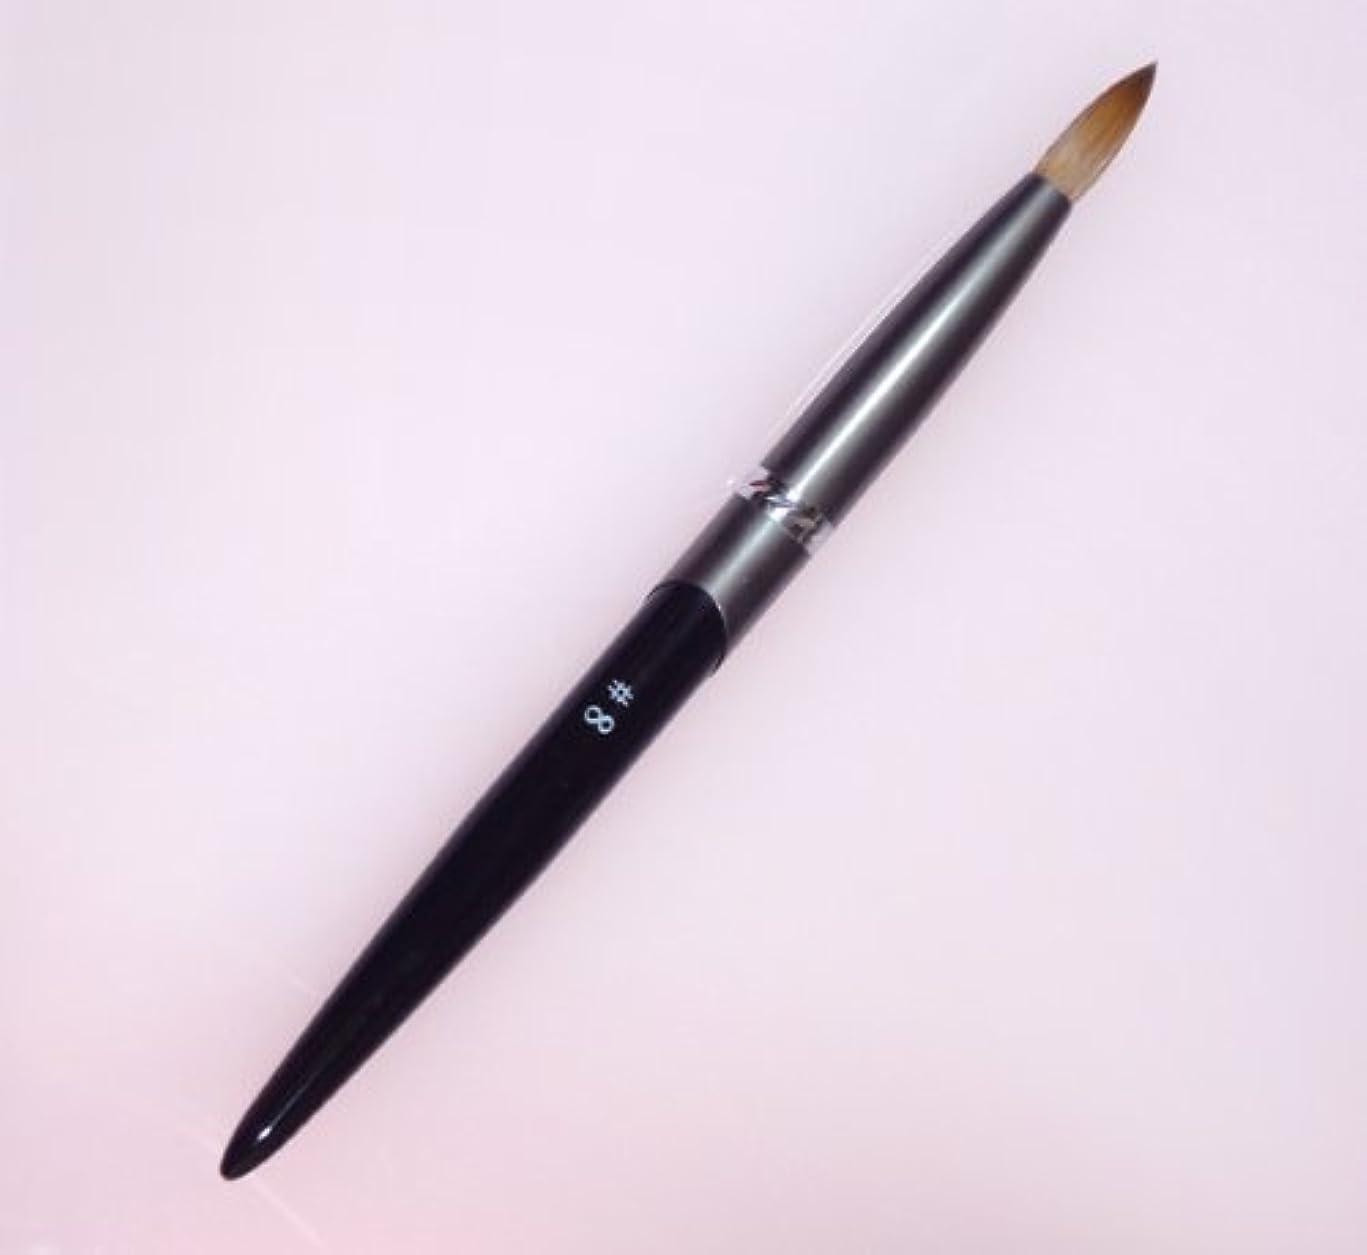 リンス無駄に巡礼者密毛 高級アクリル用 コリンスキーブラシ ラウンド スカルプ筆 オール金属製の柄です